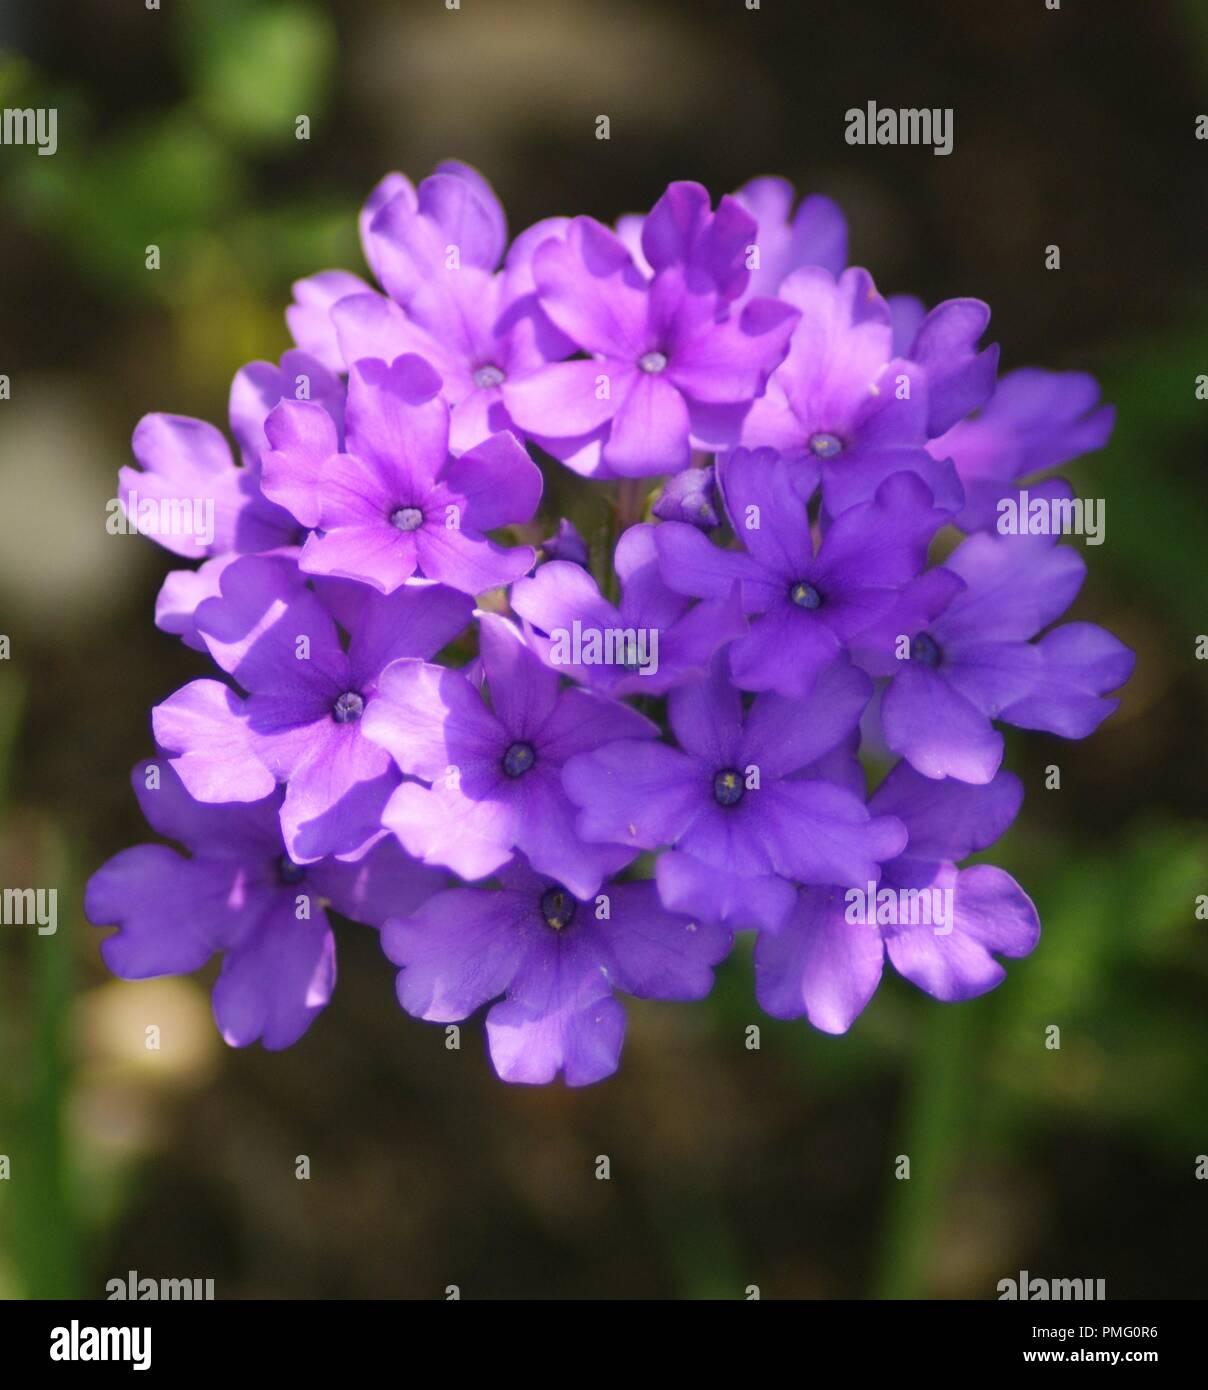 Gros Plan D Une Fleur Violette Et Rose De Verveine Verveine